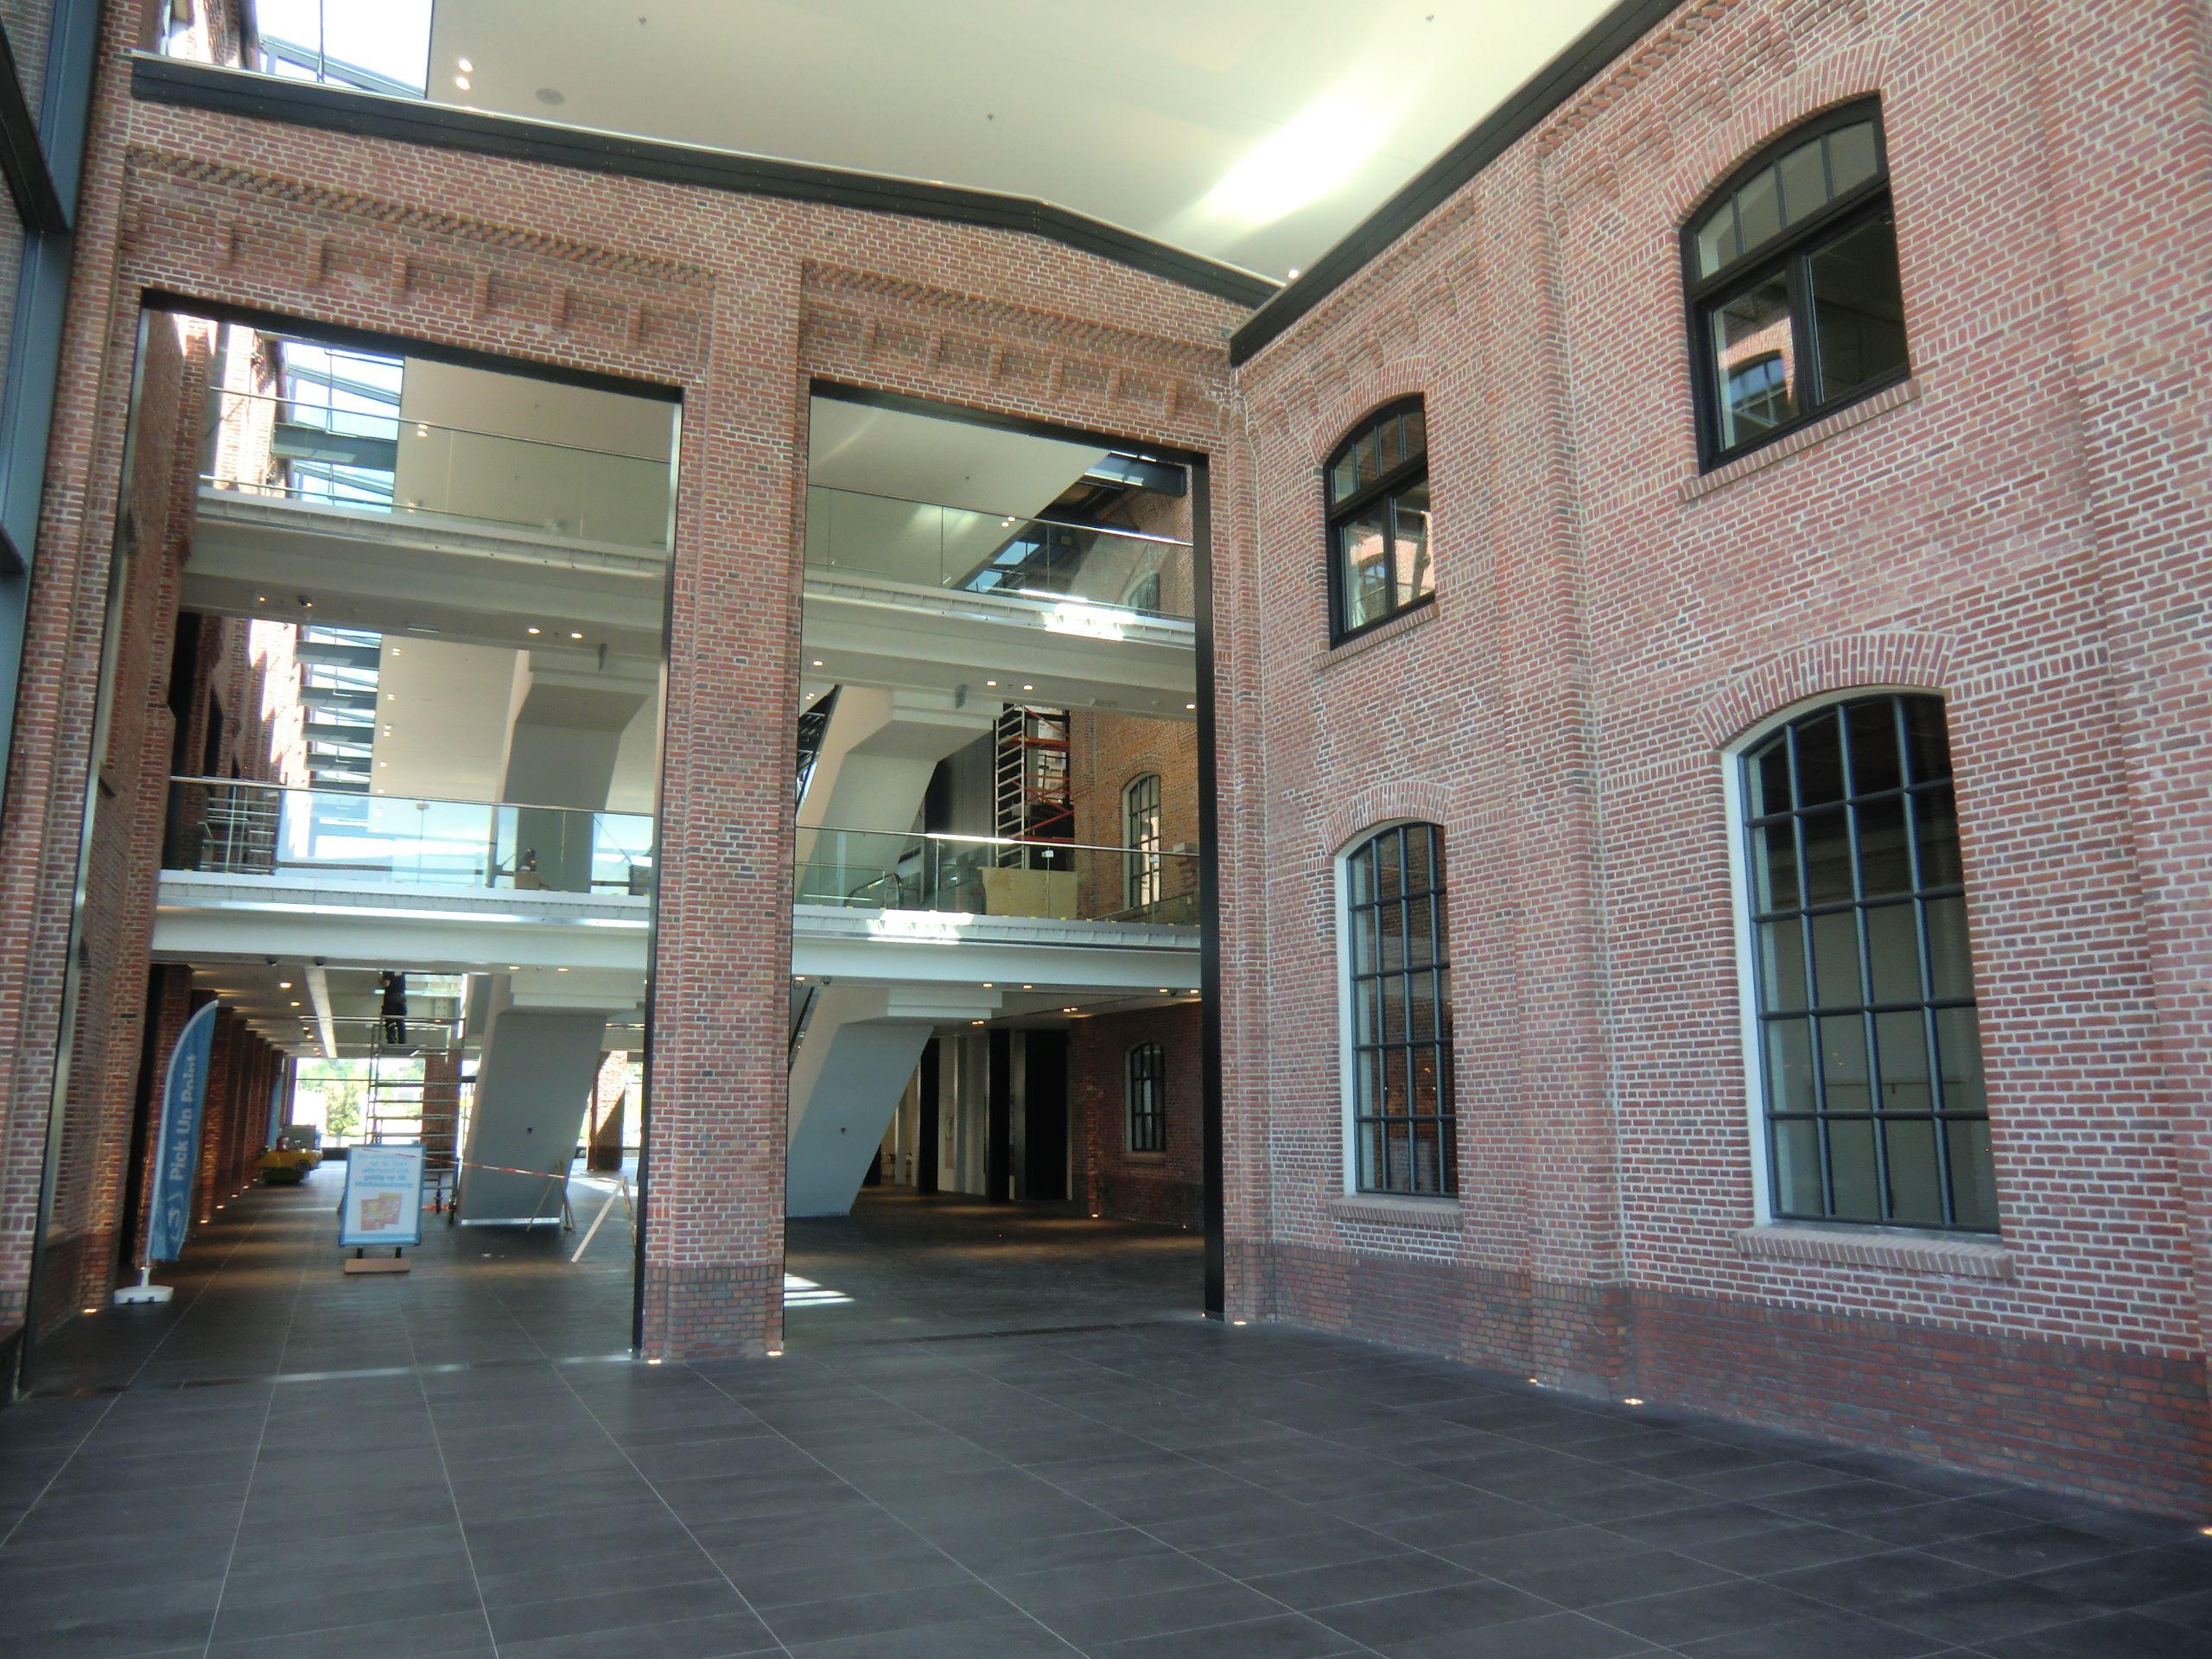 9.interieur